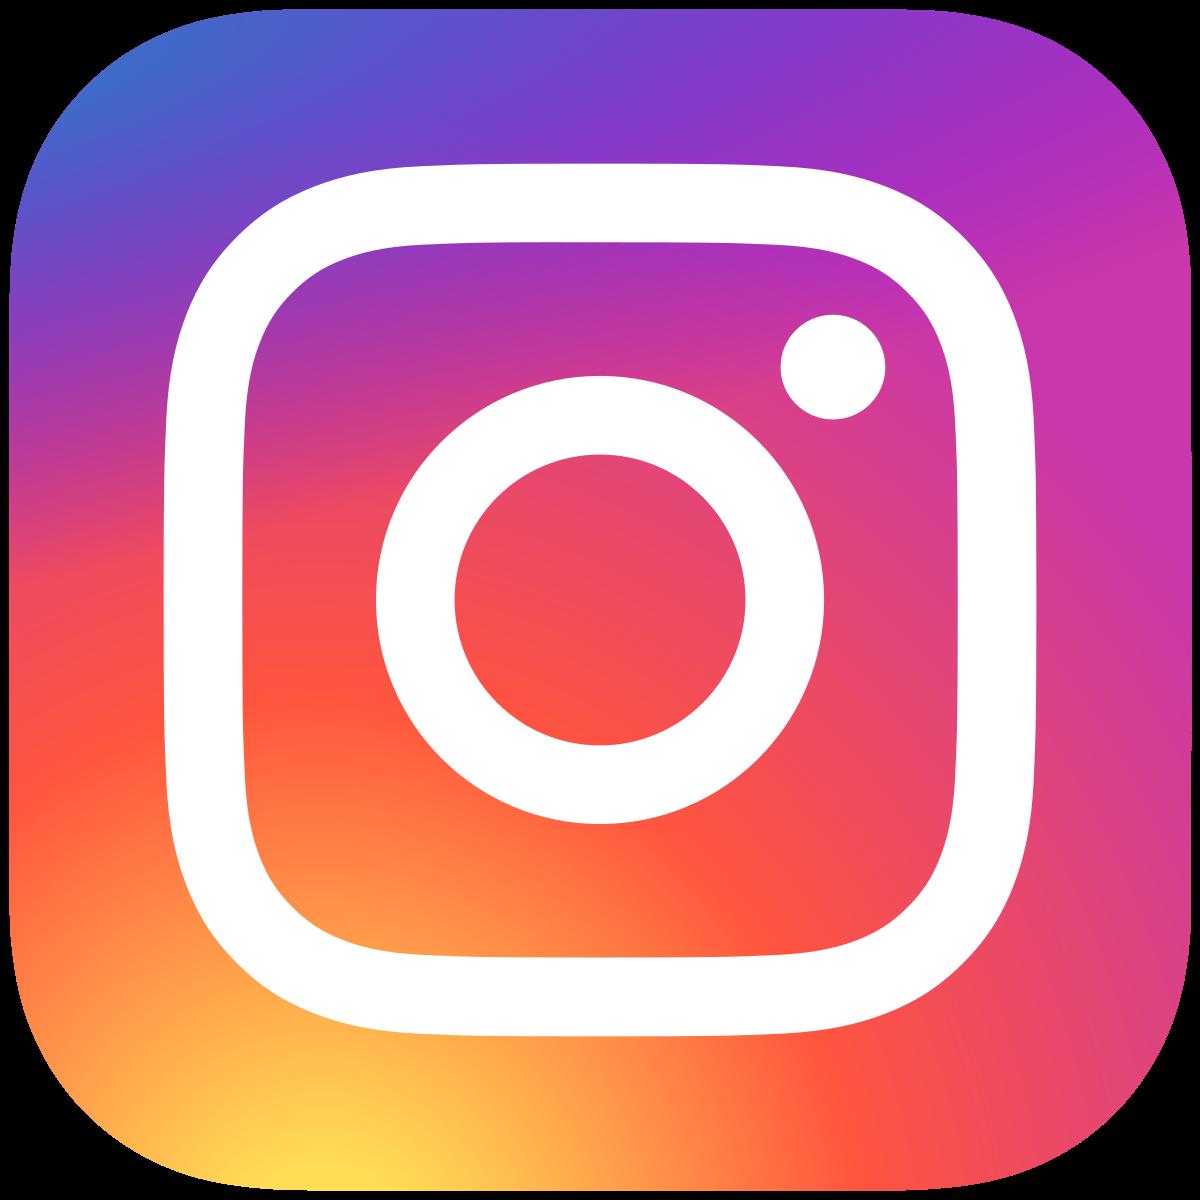 @Katheterkollegen Katheterkollegen bei Instagram Link Thumbnail | Linktree